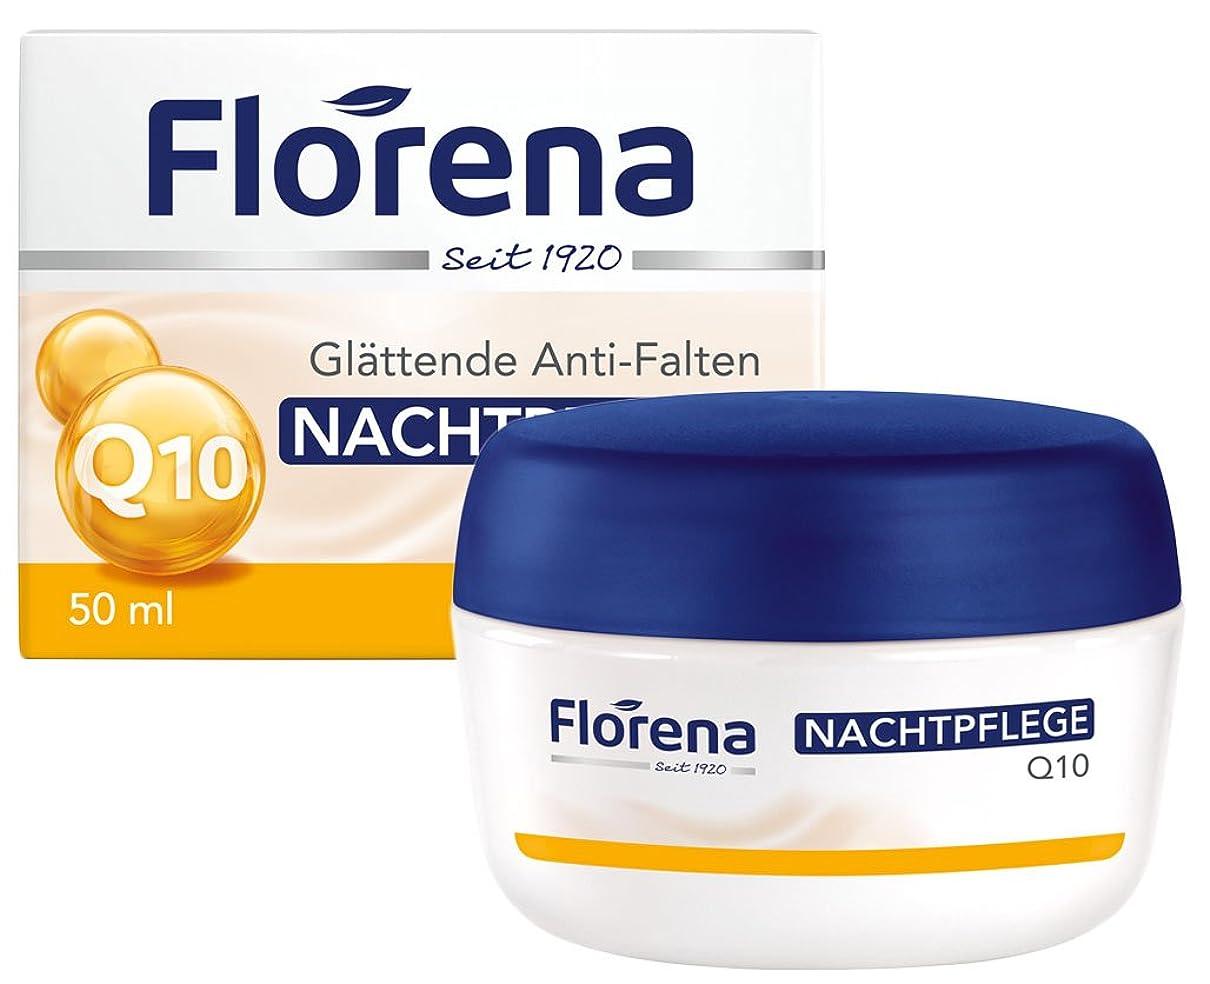 ハウジングフラップできればFlorena(フロレナ) フェイス ナイトクリーム コエンザイムQ10